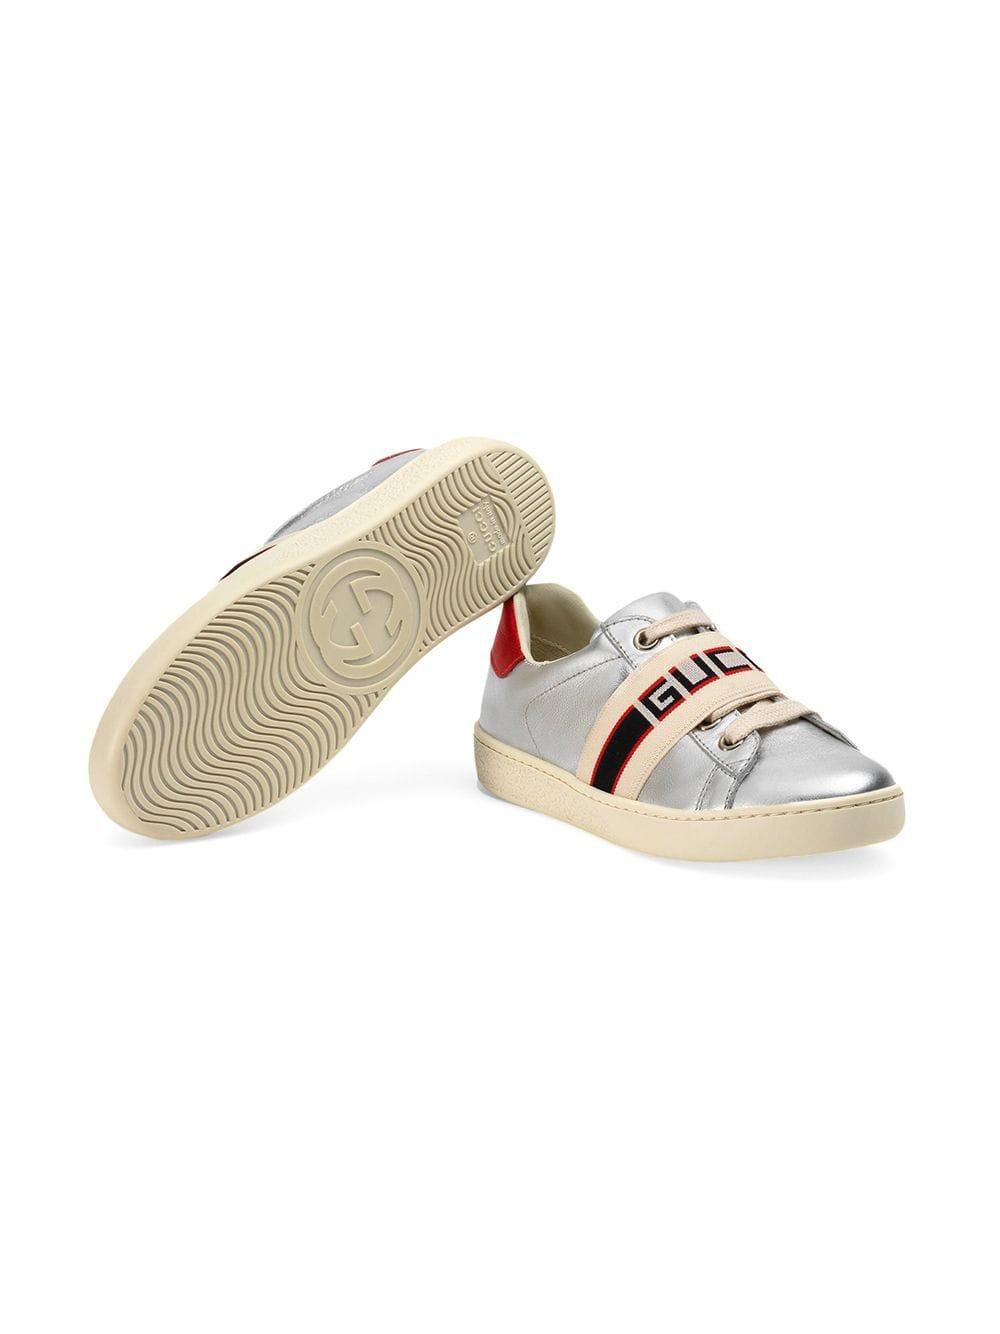 8c6092735 Kids zapatillas ace con rayas - plat.